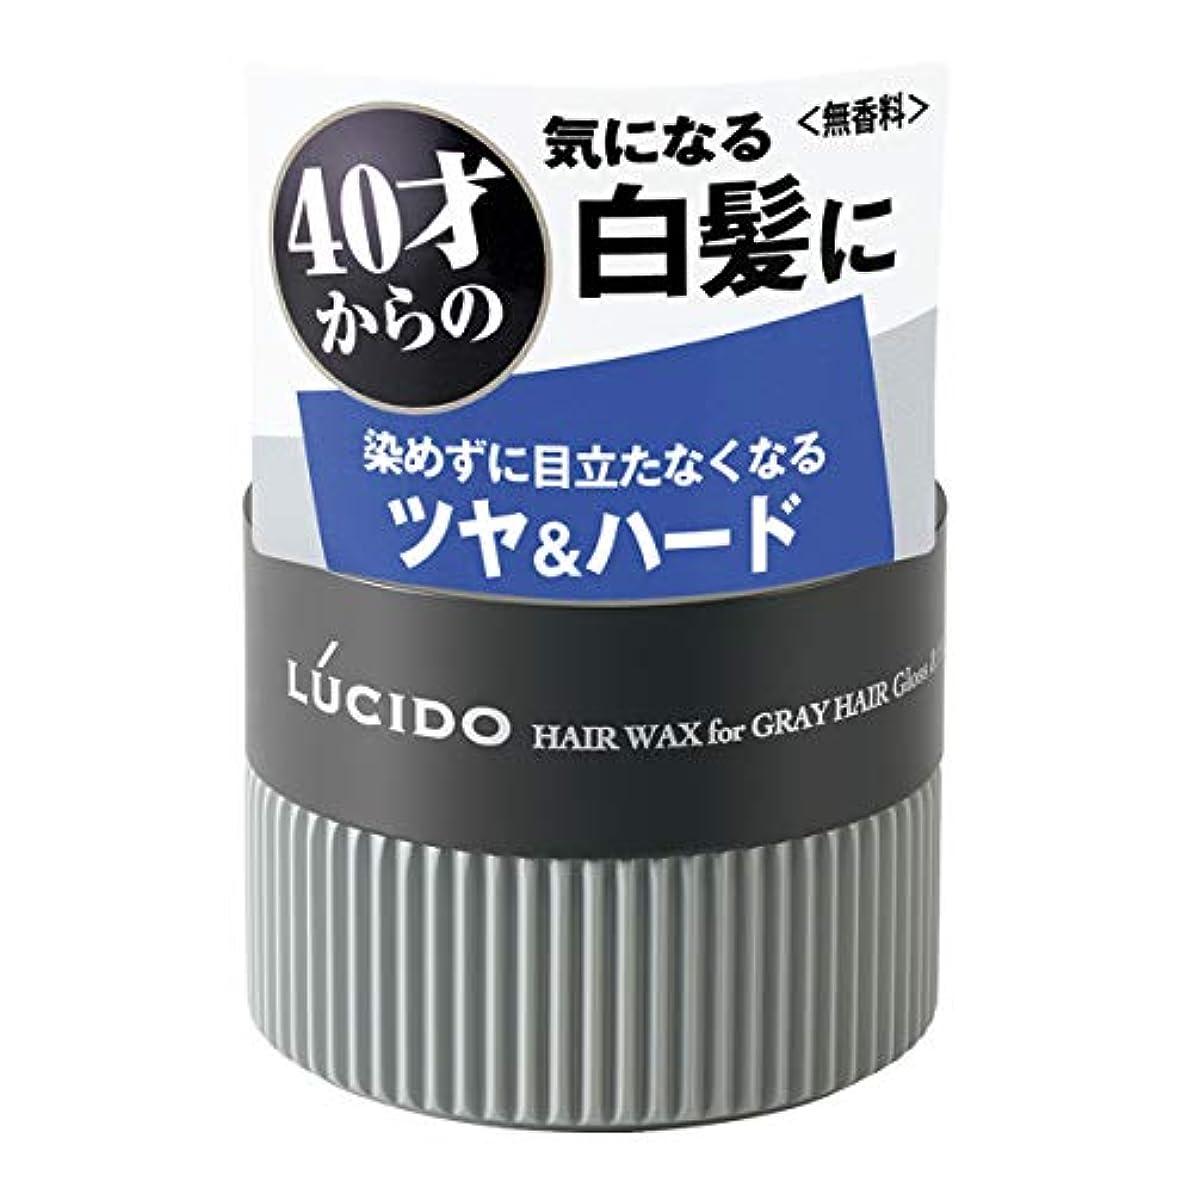 望ましい免疫根拠LUCIDO(ルシード) ヘアワックス 白髪用ワックス グロス&ハード 80g